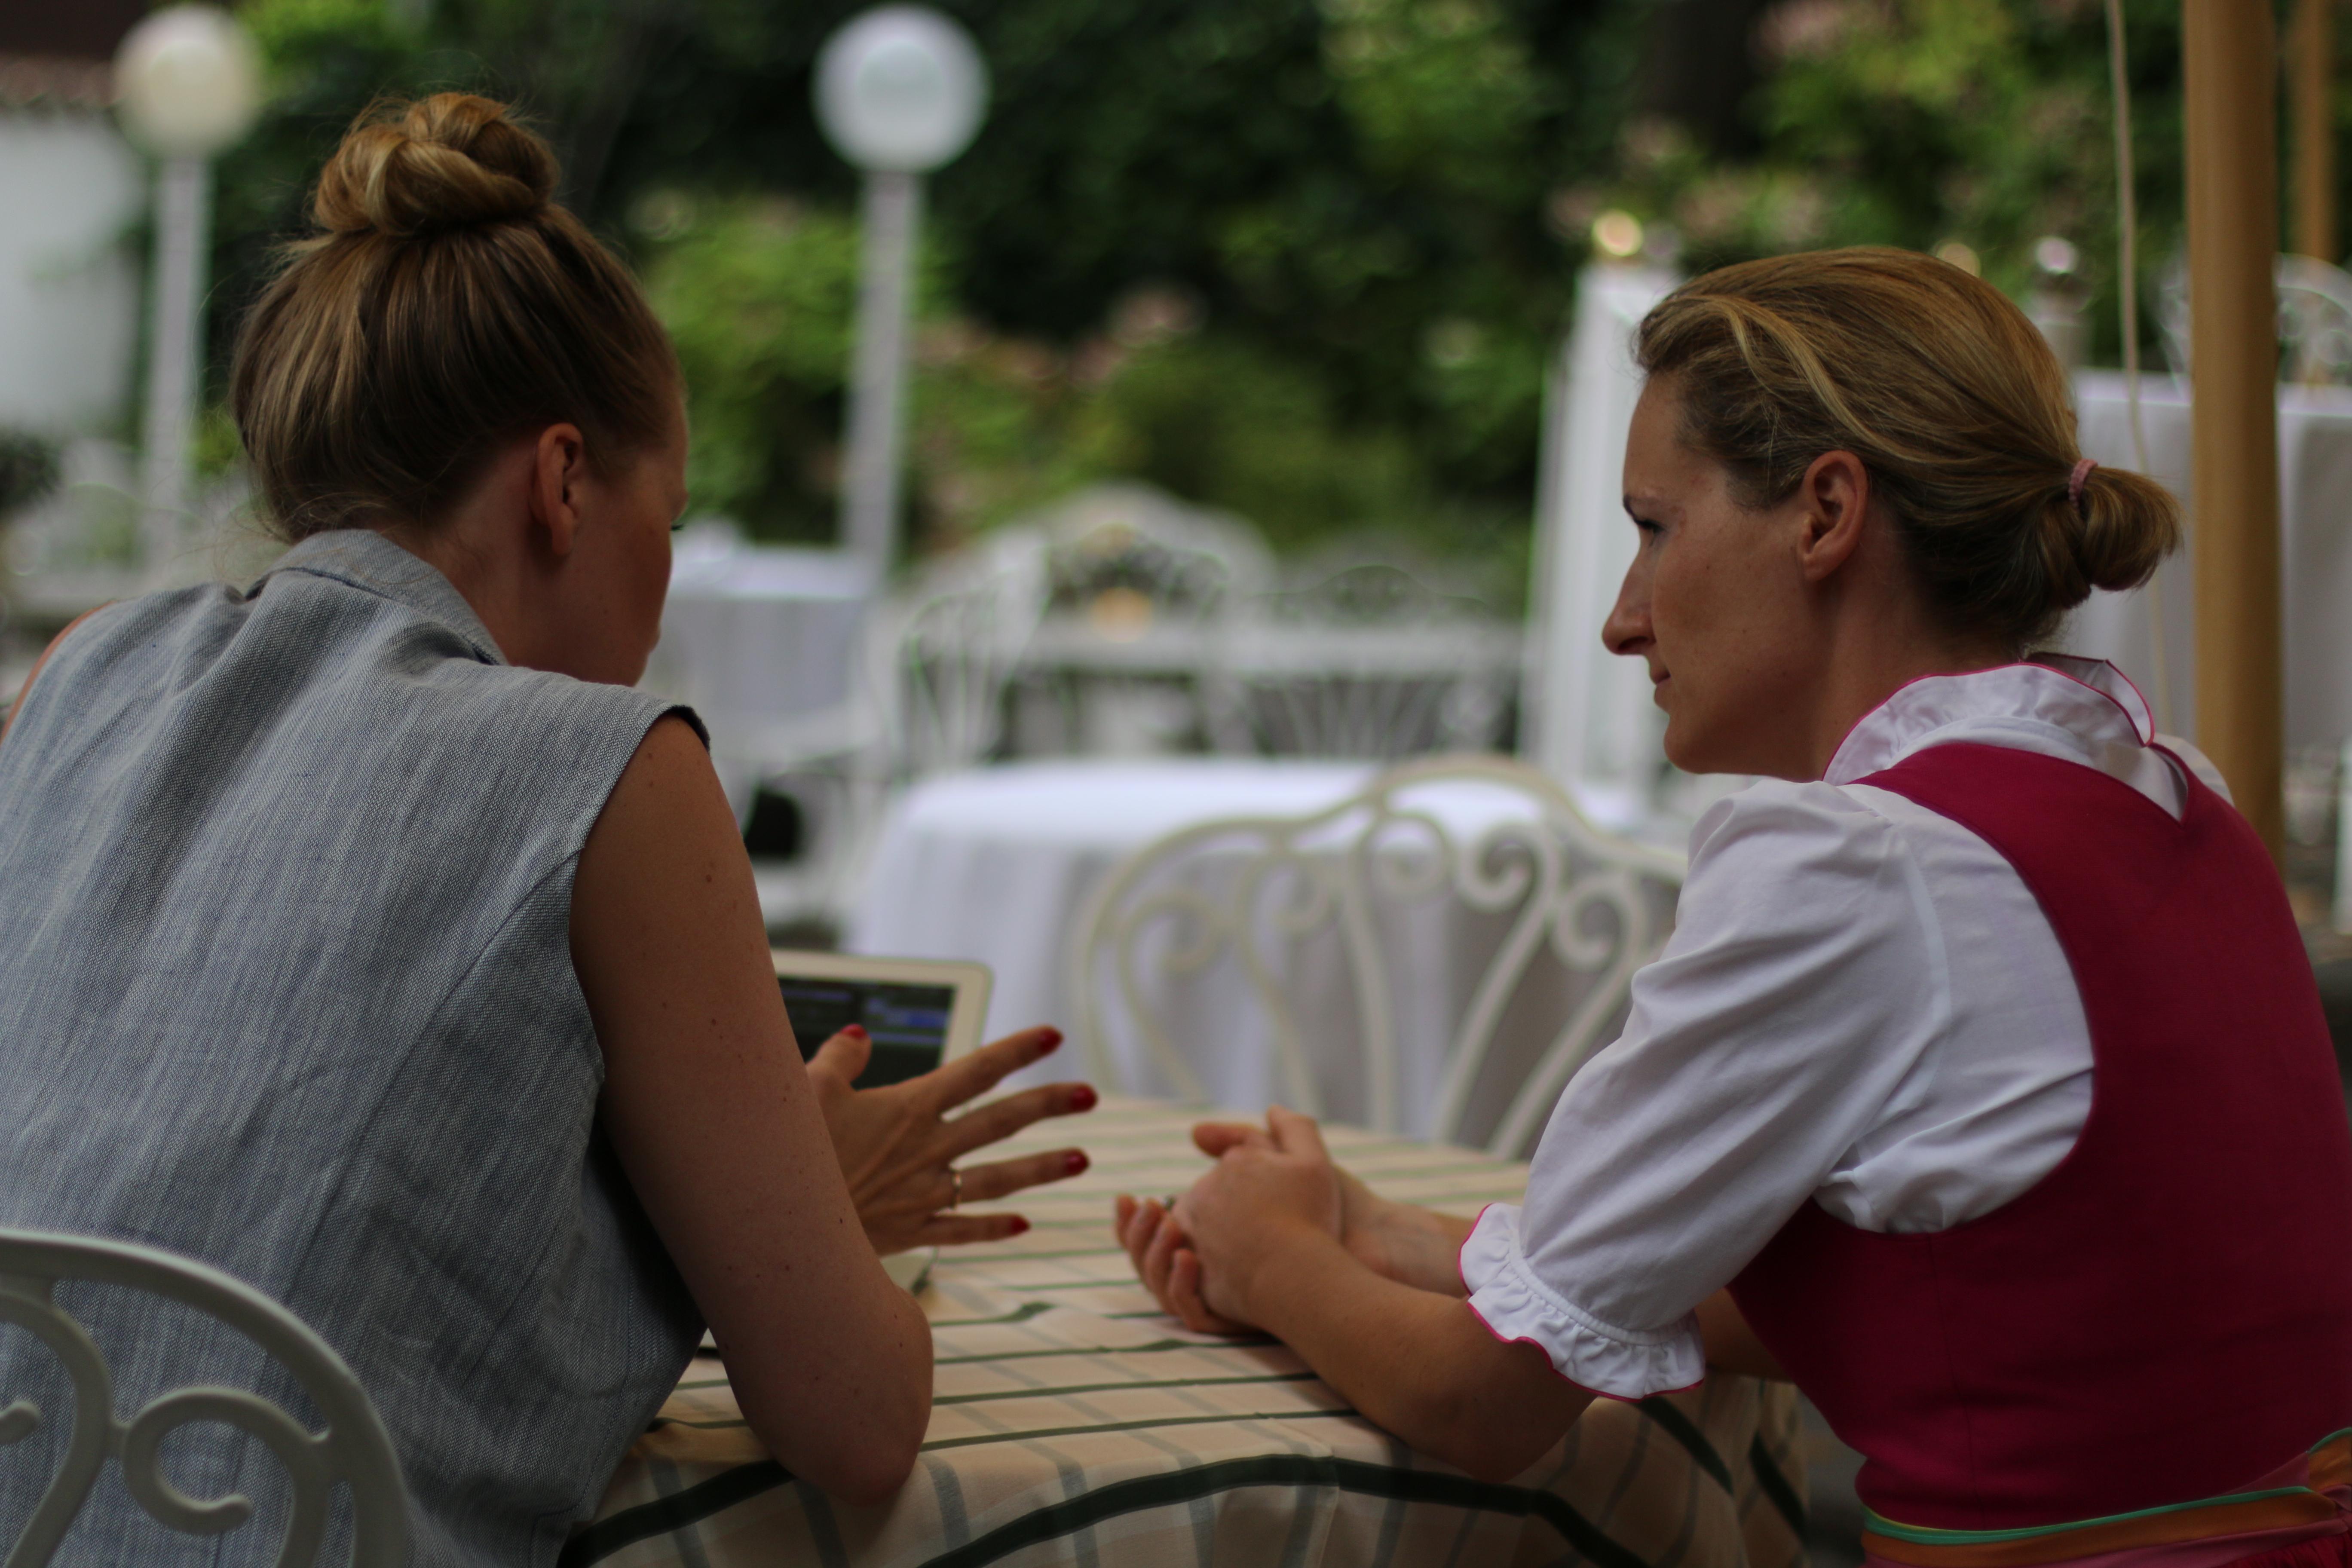 Madeleine und Barbara im intensiven Gespräch